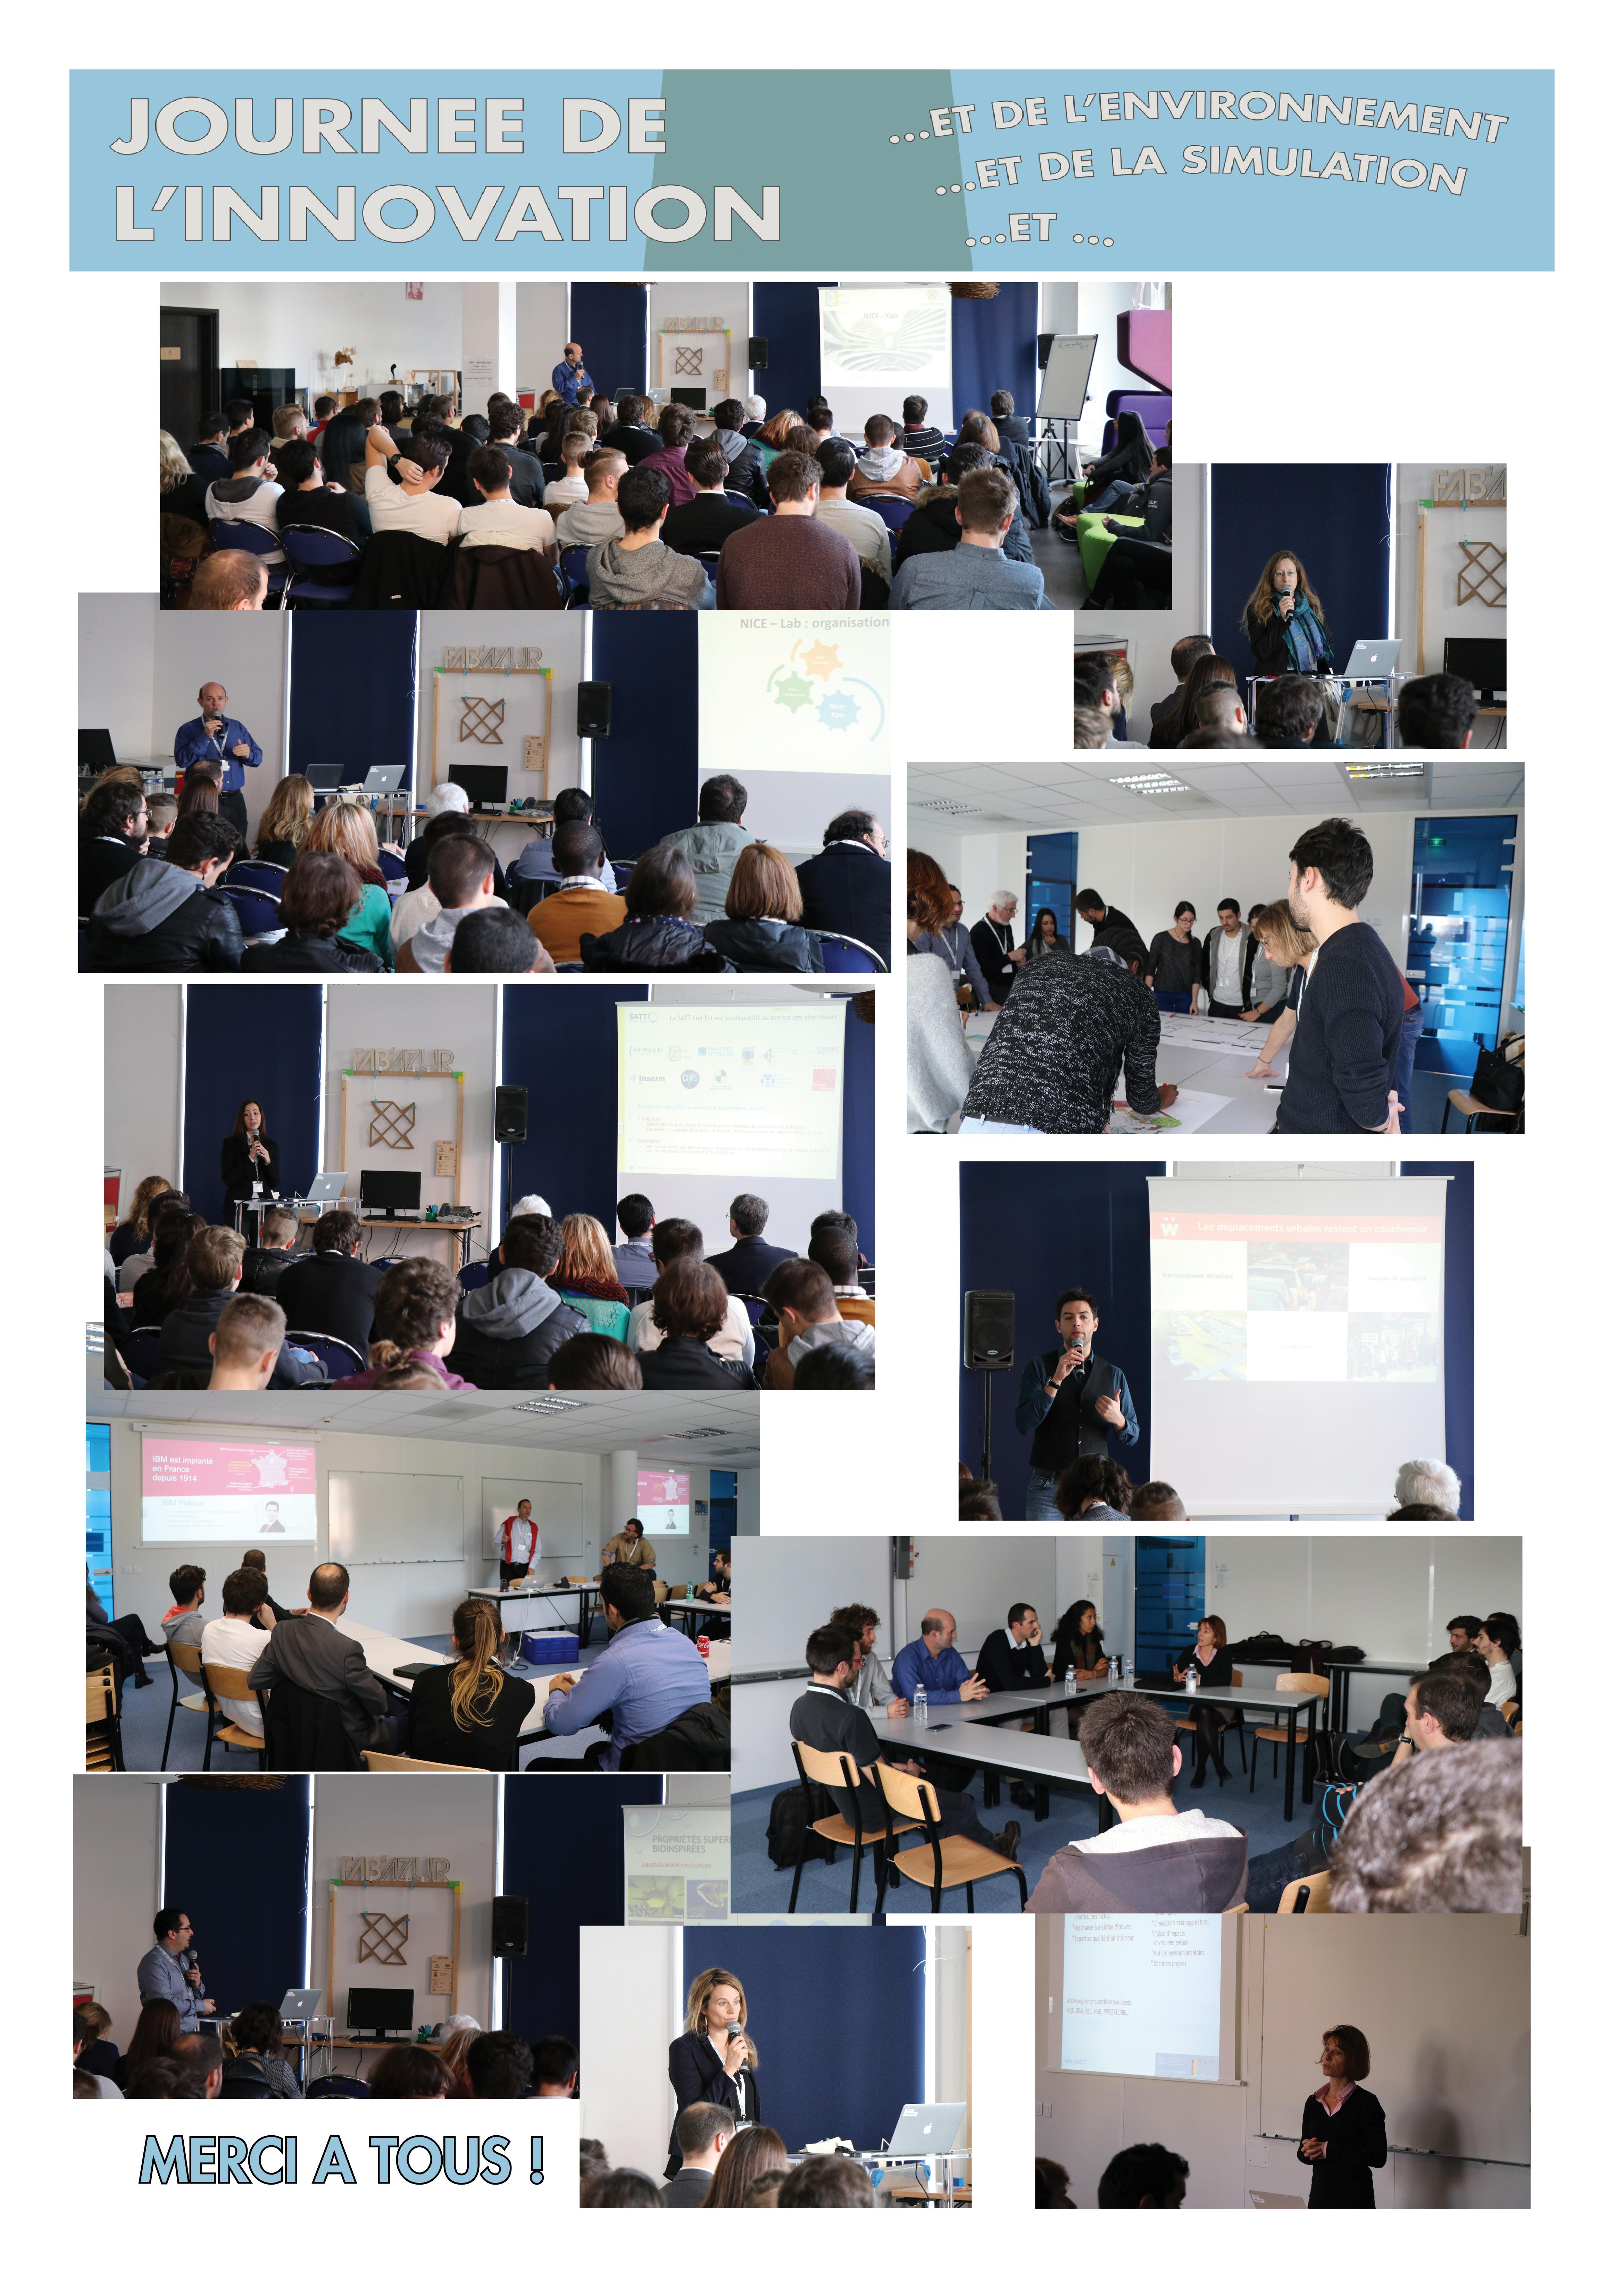 La journée de l'innovation organisée le 30 janvier 2017 à l'IMREDD a été riche en discussions. Merci aux conférenciers, animateurs des tables rondes et participants.